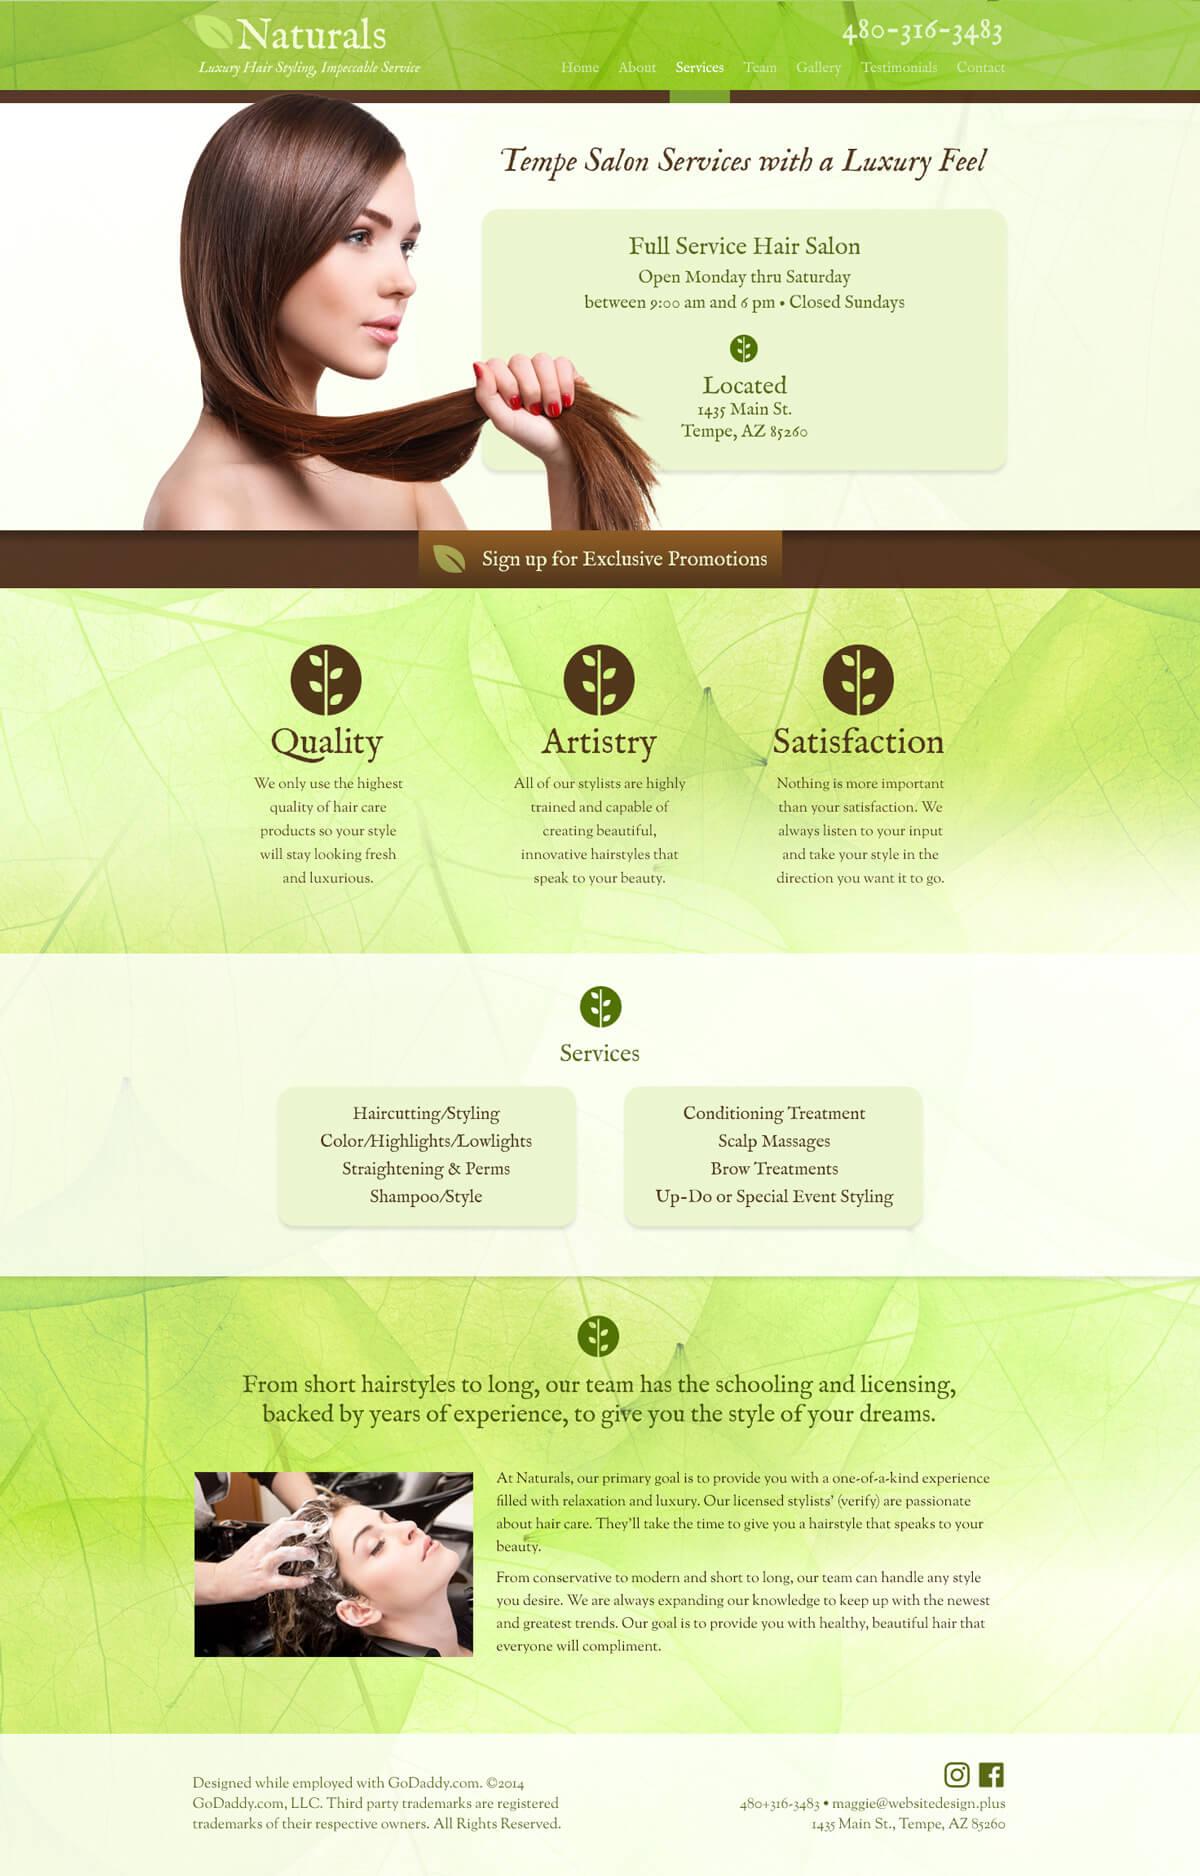 Naturals Salon web design mockup